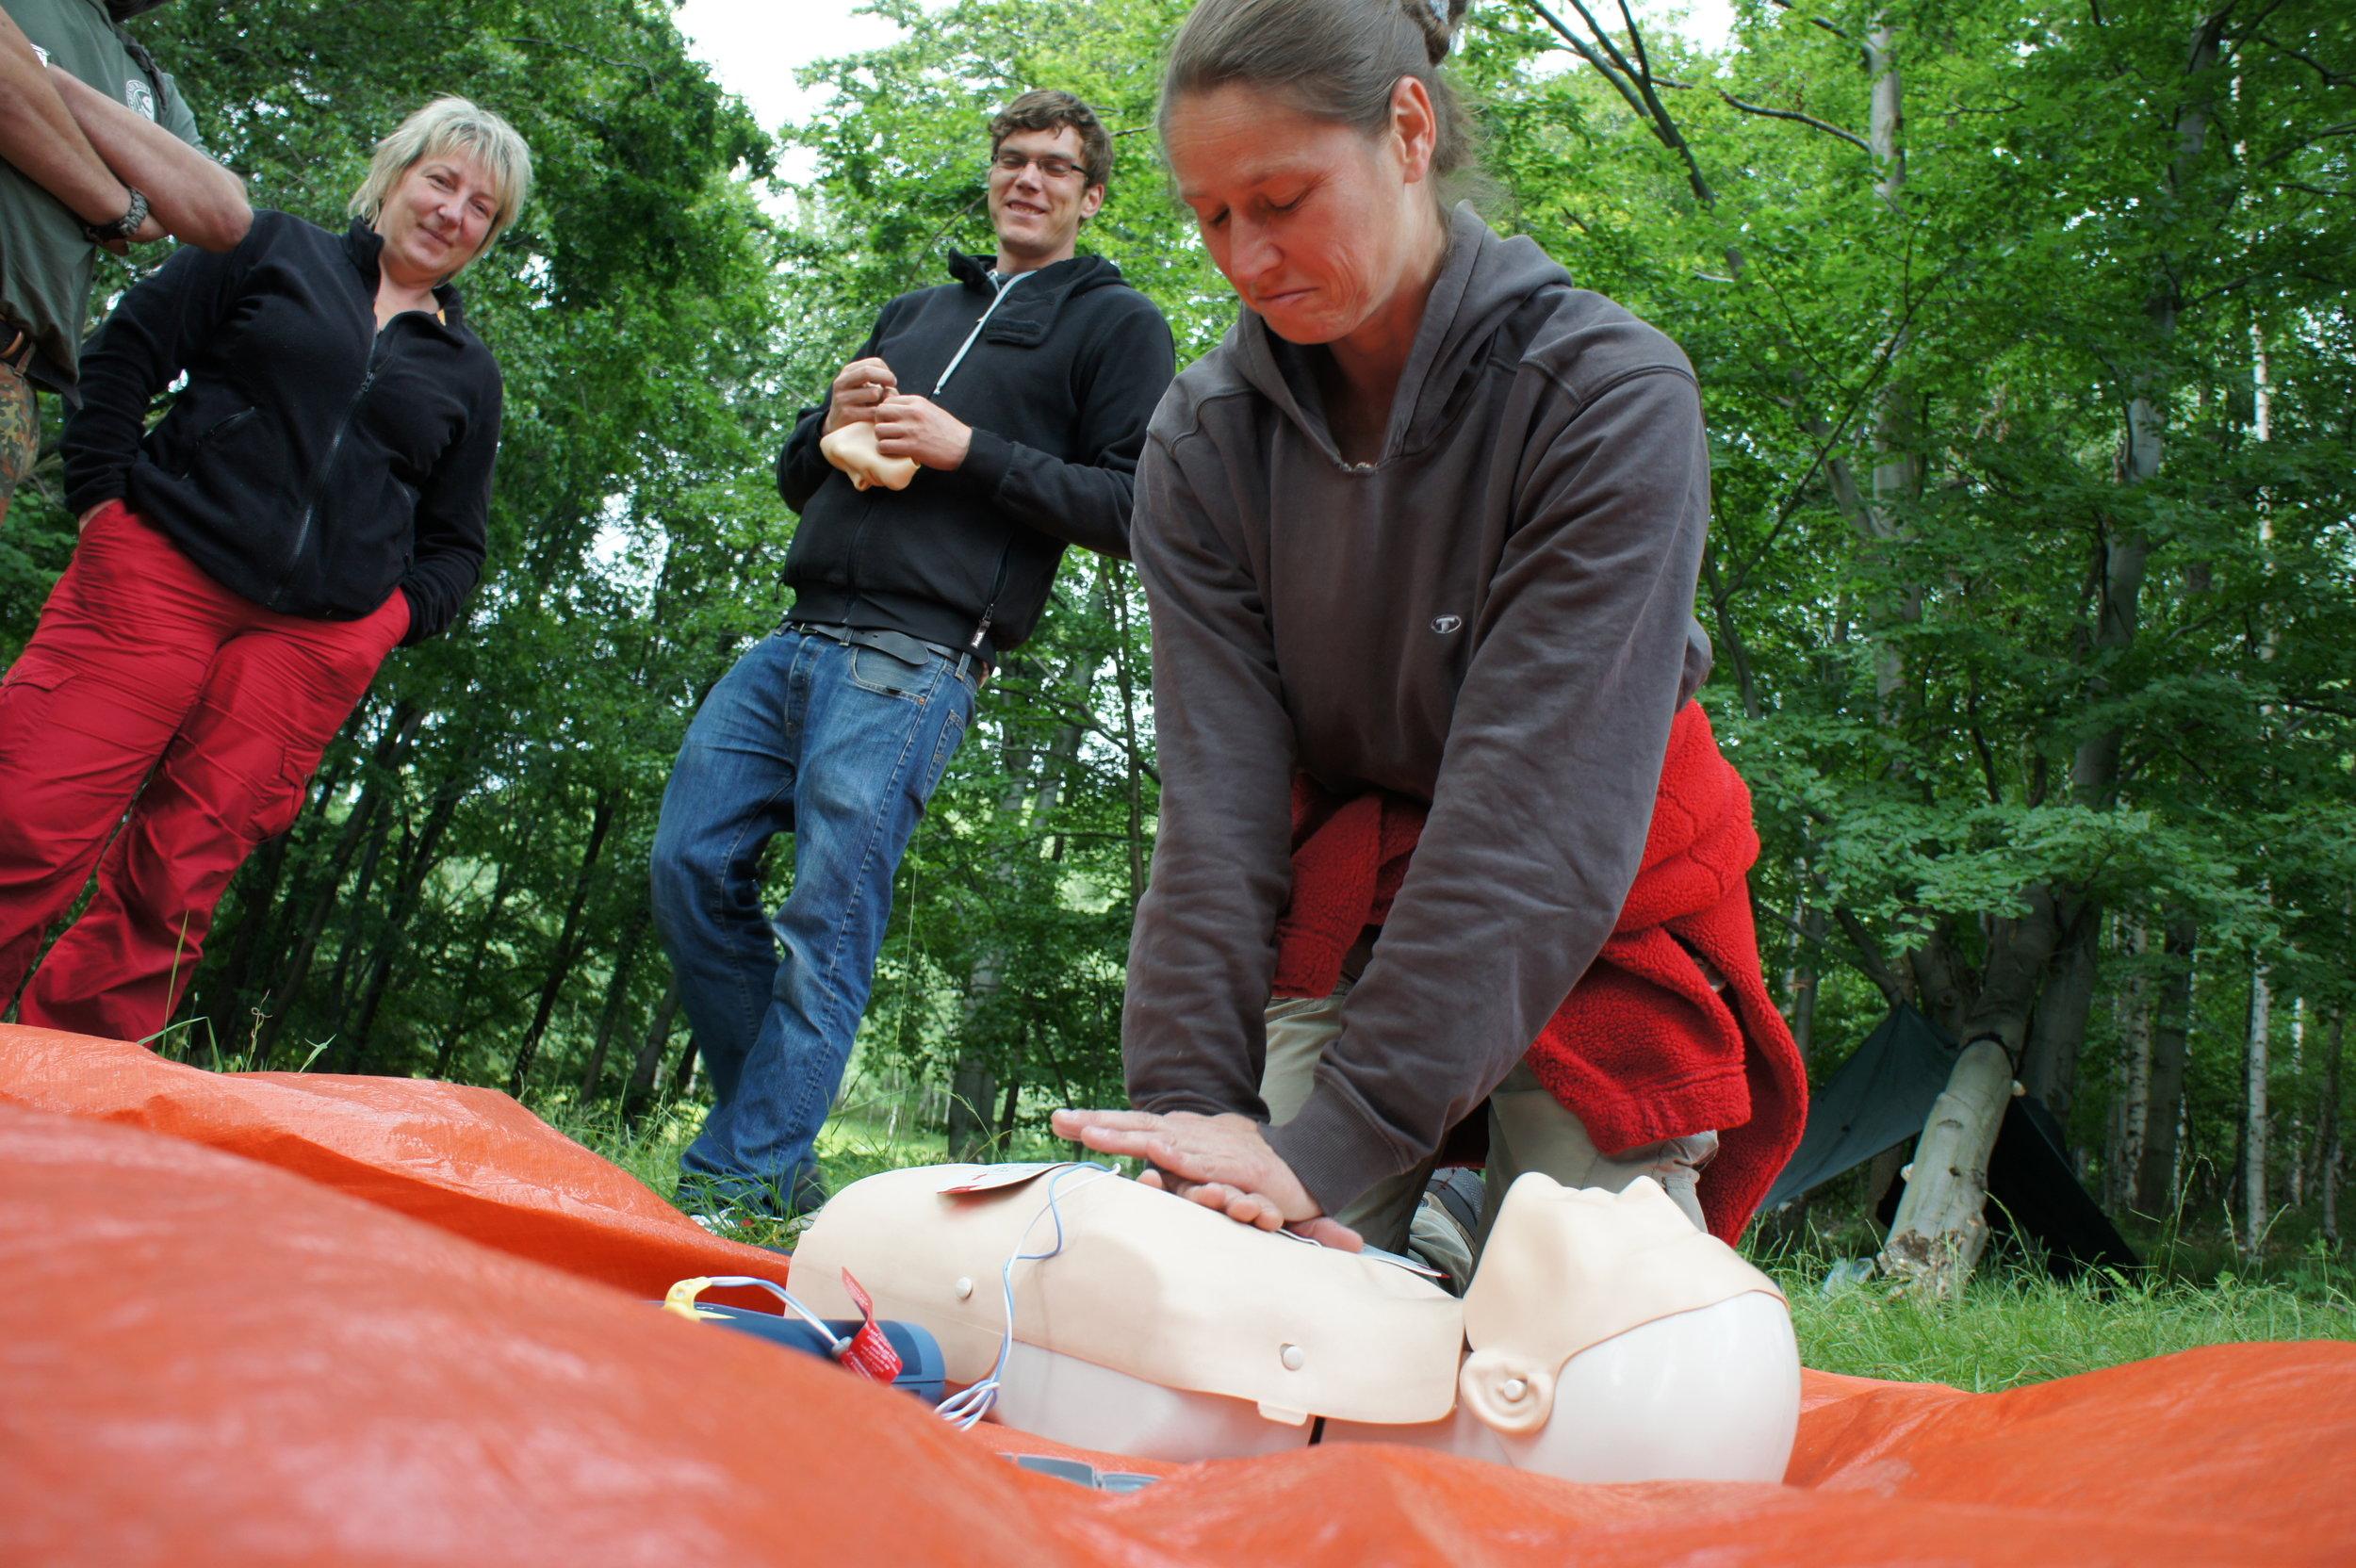 Üben der Herz Lungen Wiederbelebung beim Erste Hilfe Outdoor Kurs